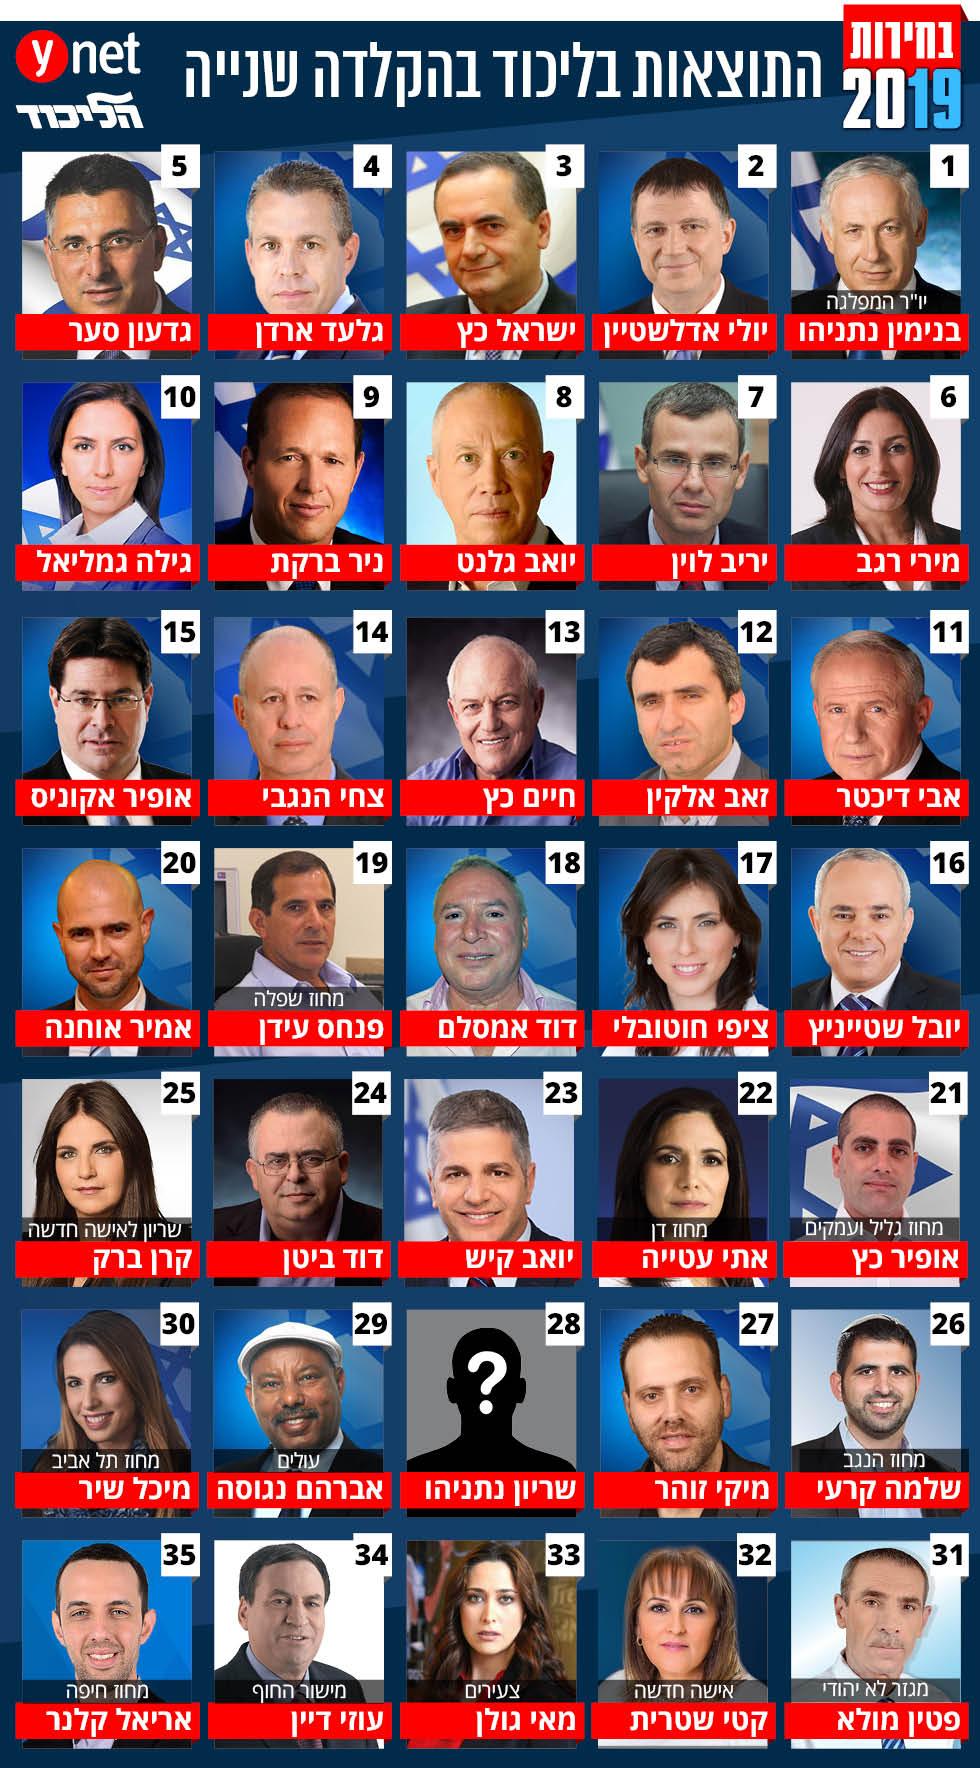 14.2בחירות 2019 רשימת הליכוד ליכוד כנסת 21 מעודכן 11.2 ()